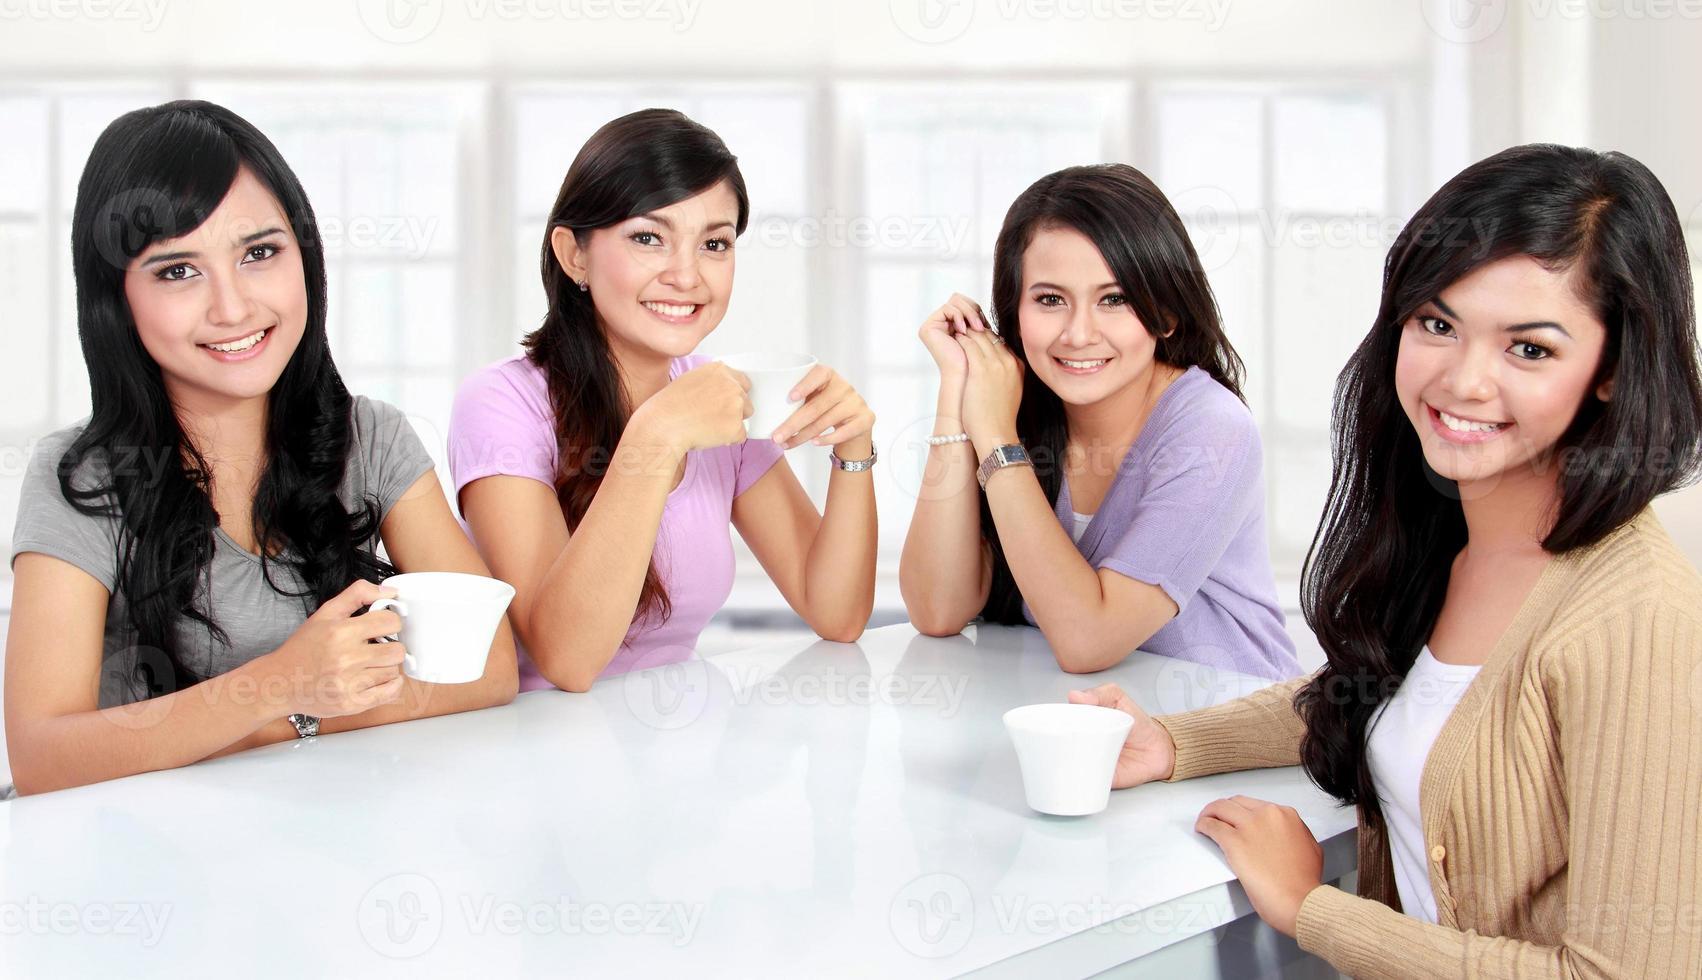 groupe de femmes ayant du temps de qualité ensemble photo